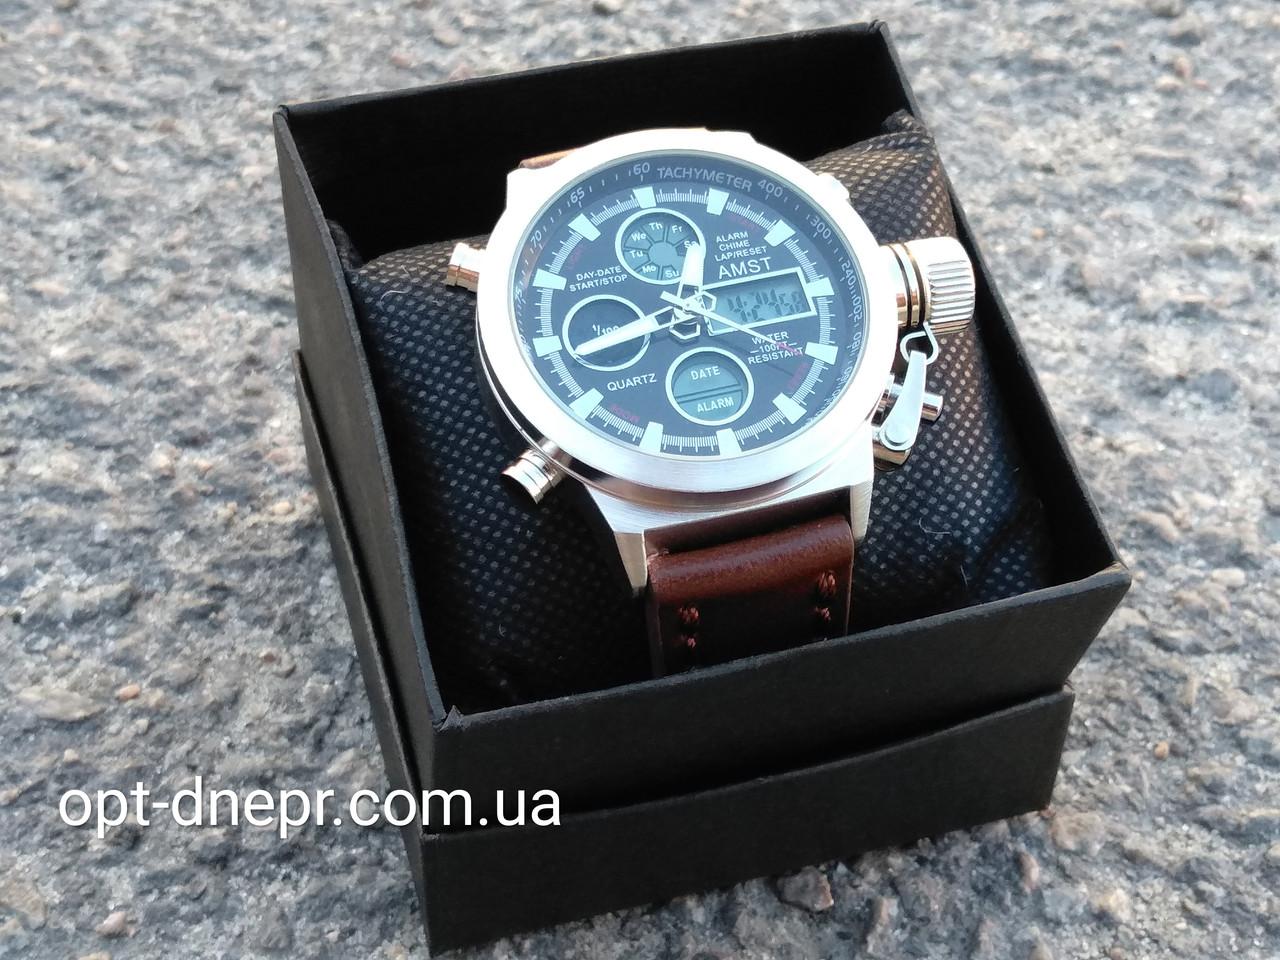 Армейские американские часы наручные мини песочные часы купить